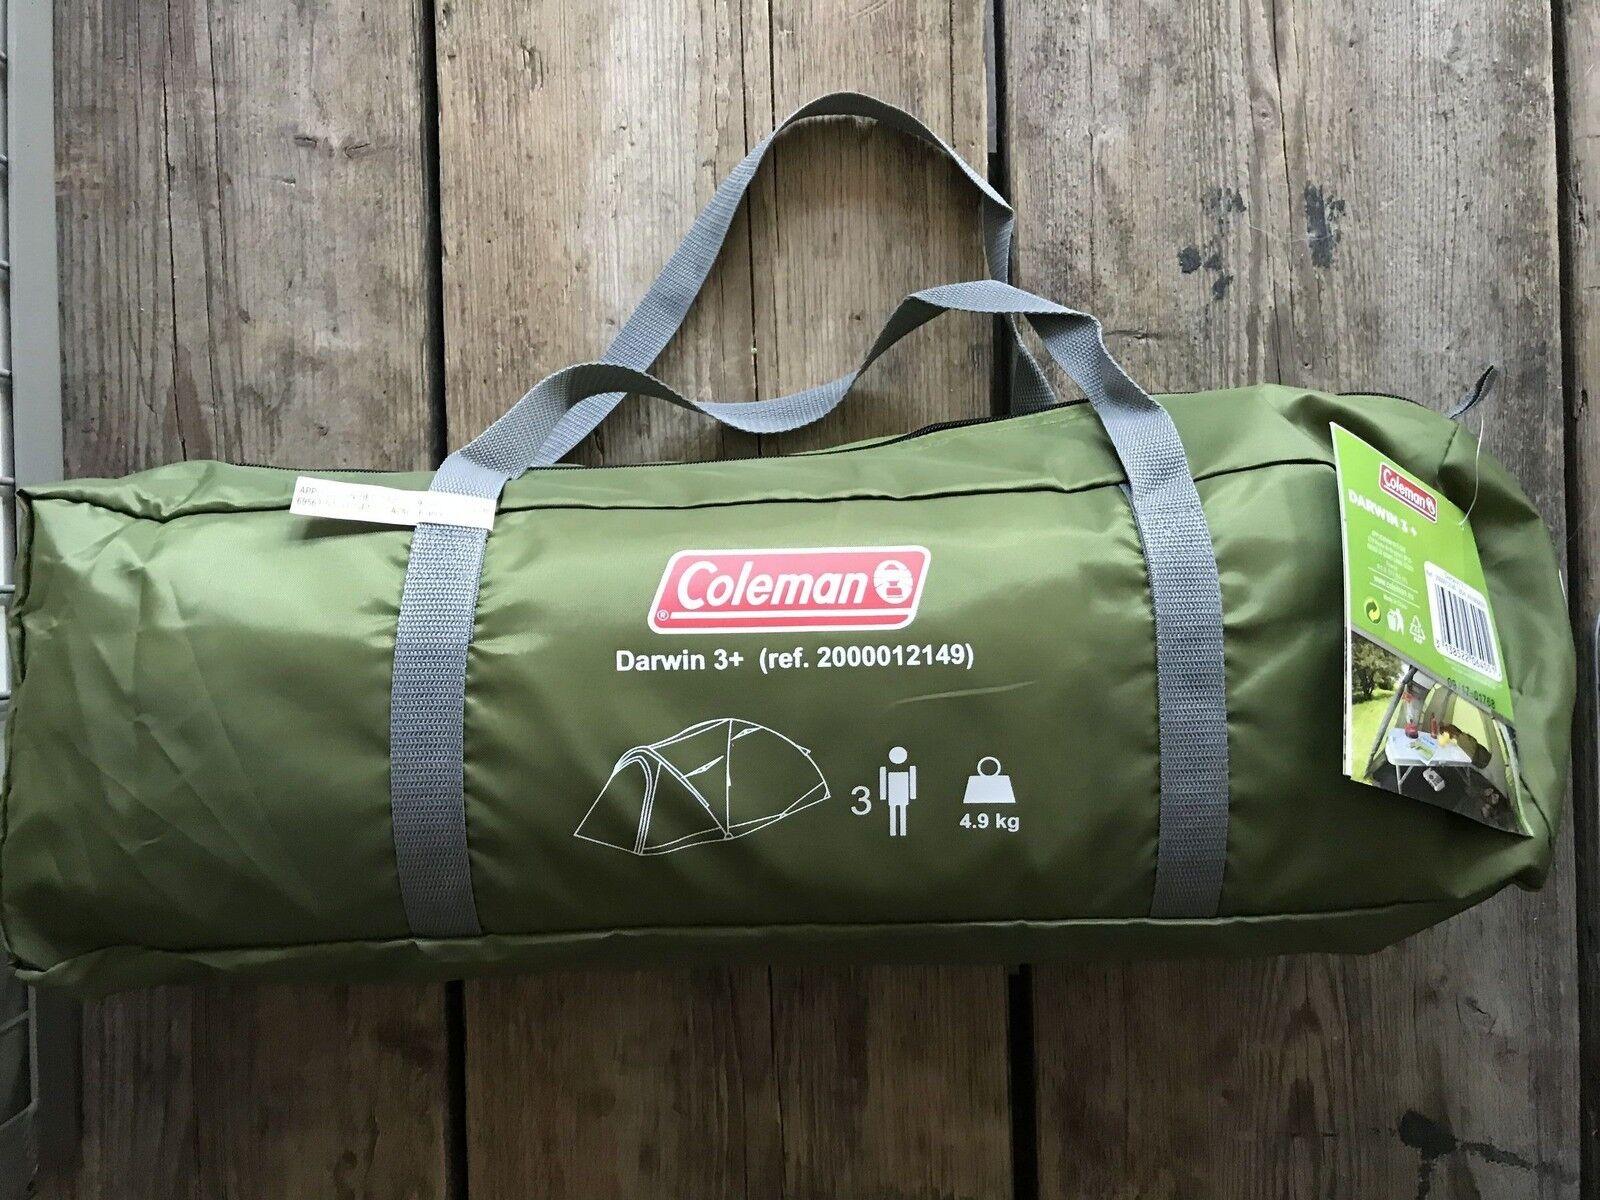 Coleman Darwin 3 Plus Adventure Zelt 2000012149